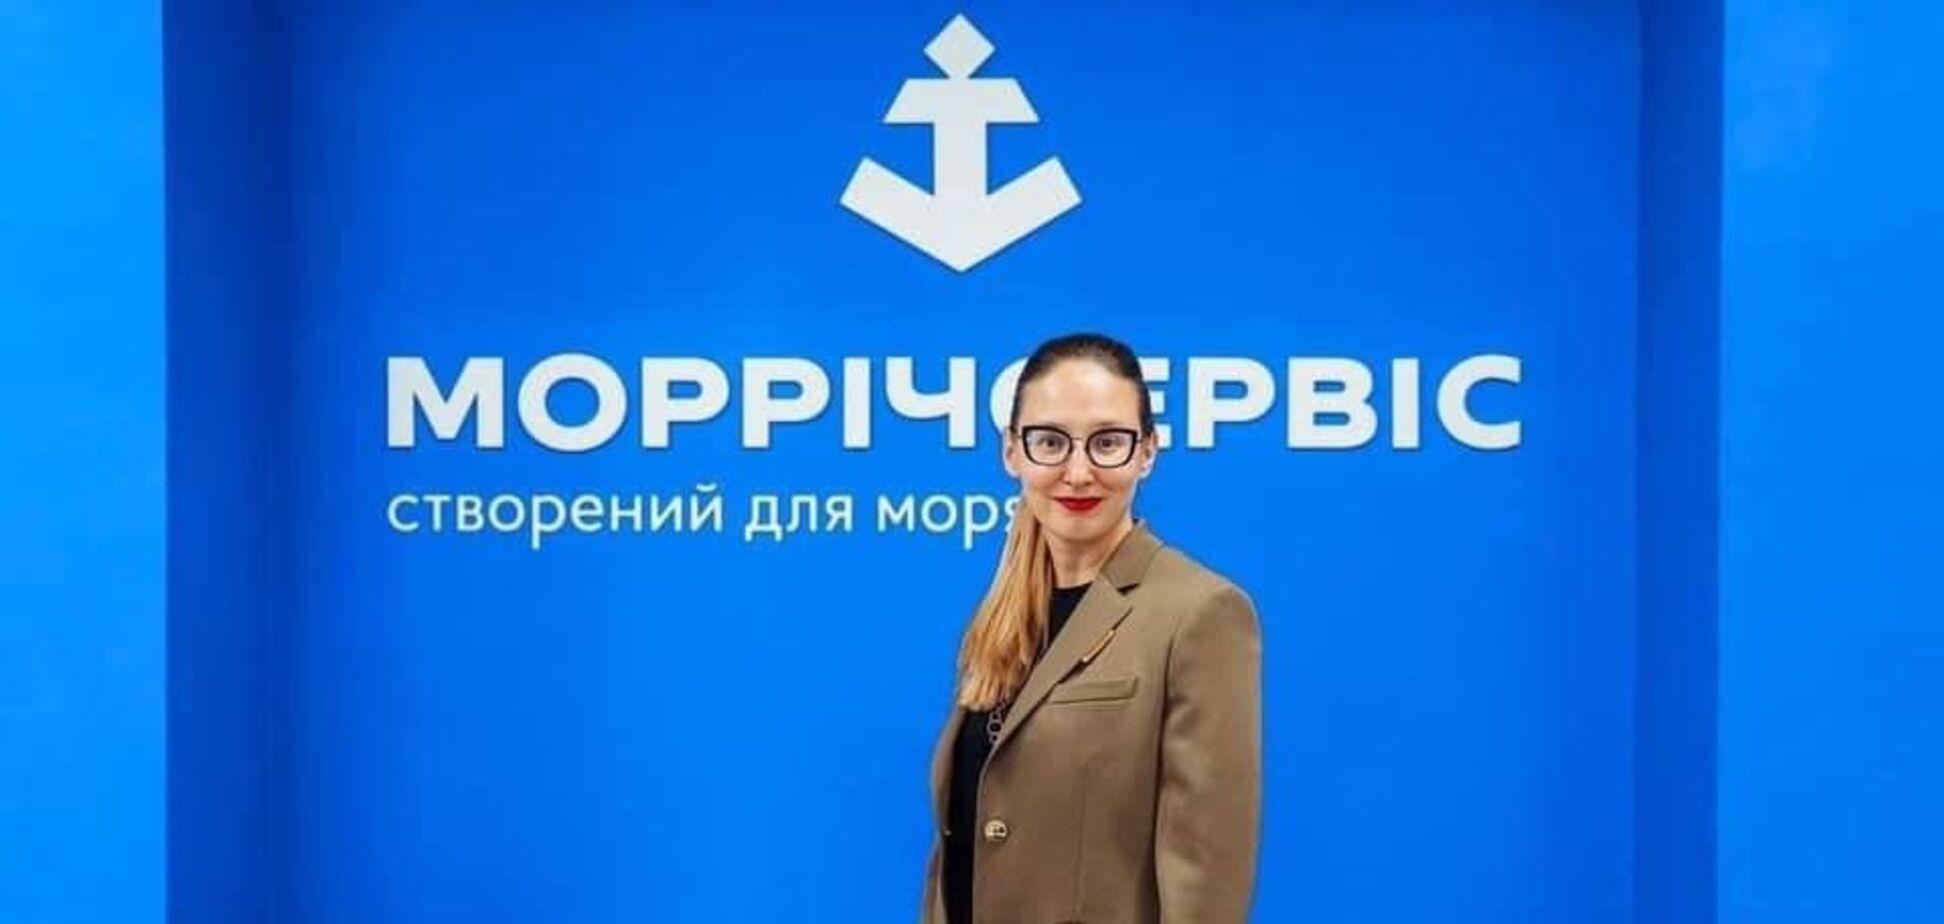 Схемы в ГП 'Морричсервис': кто такая Ирина Костюк и что известно о ее покровителях